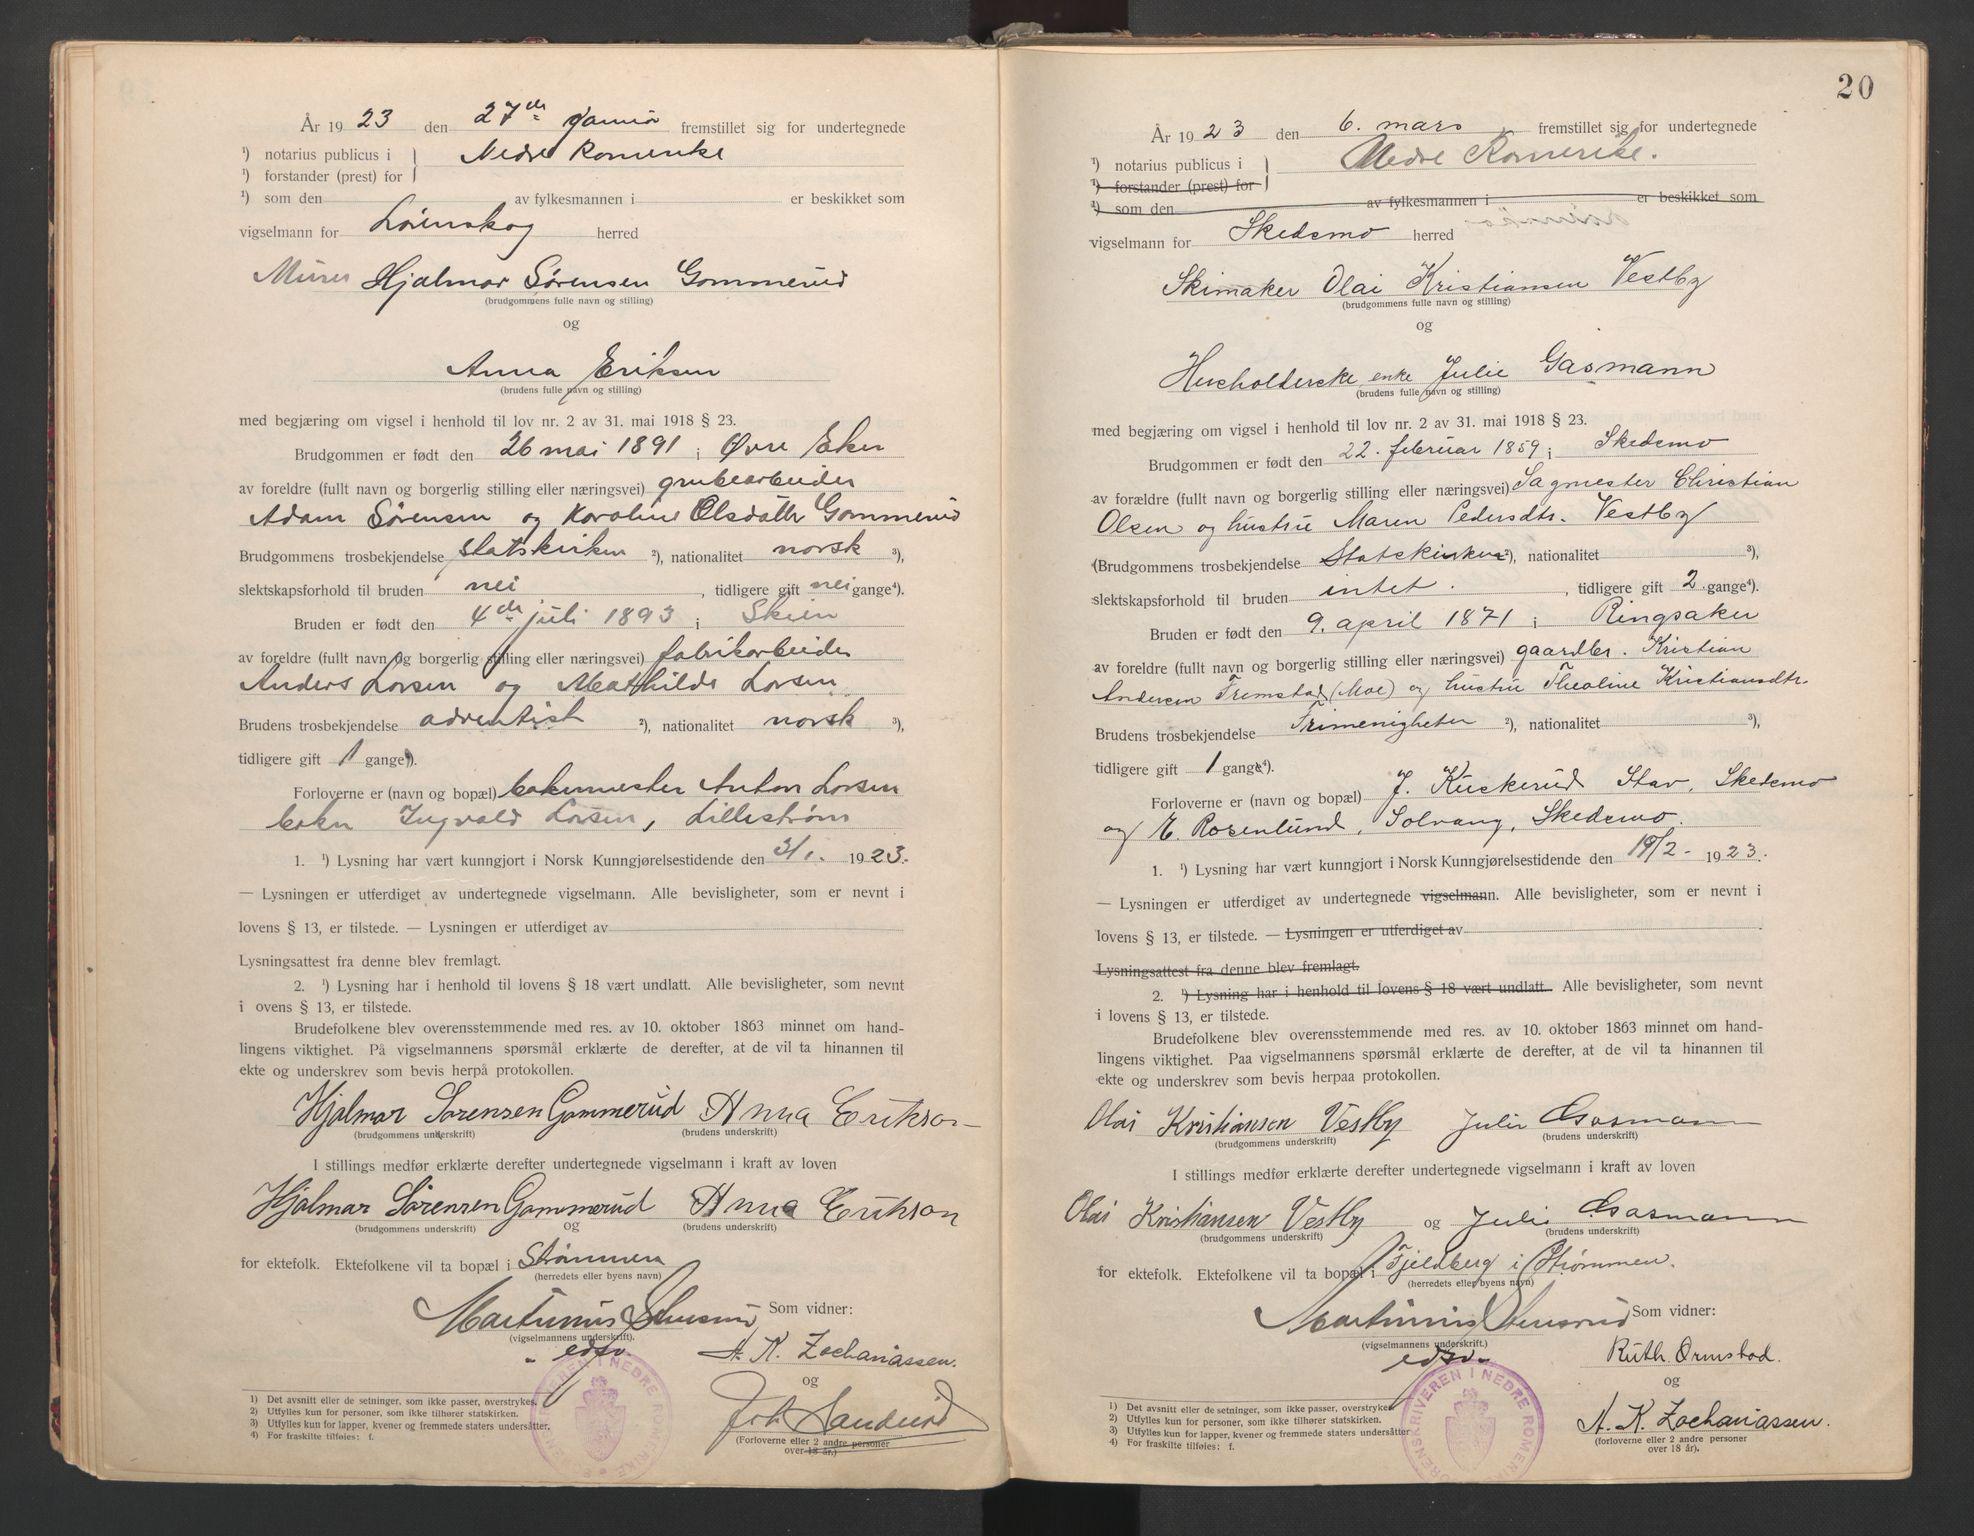 SAO, Nedre Romerike sorenskriveri, L/Lb/L0001: Vigselsbok - borgerlige vielser, 1920-1935, s. 20